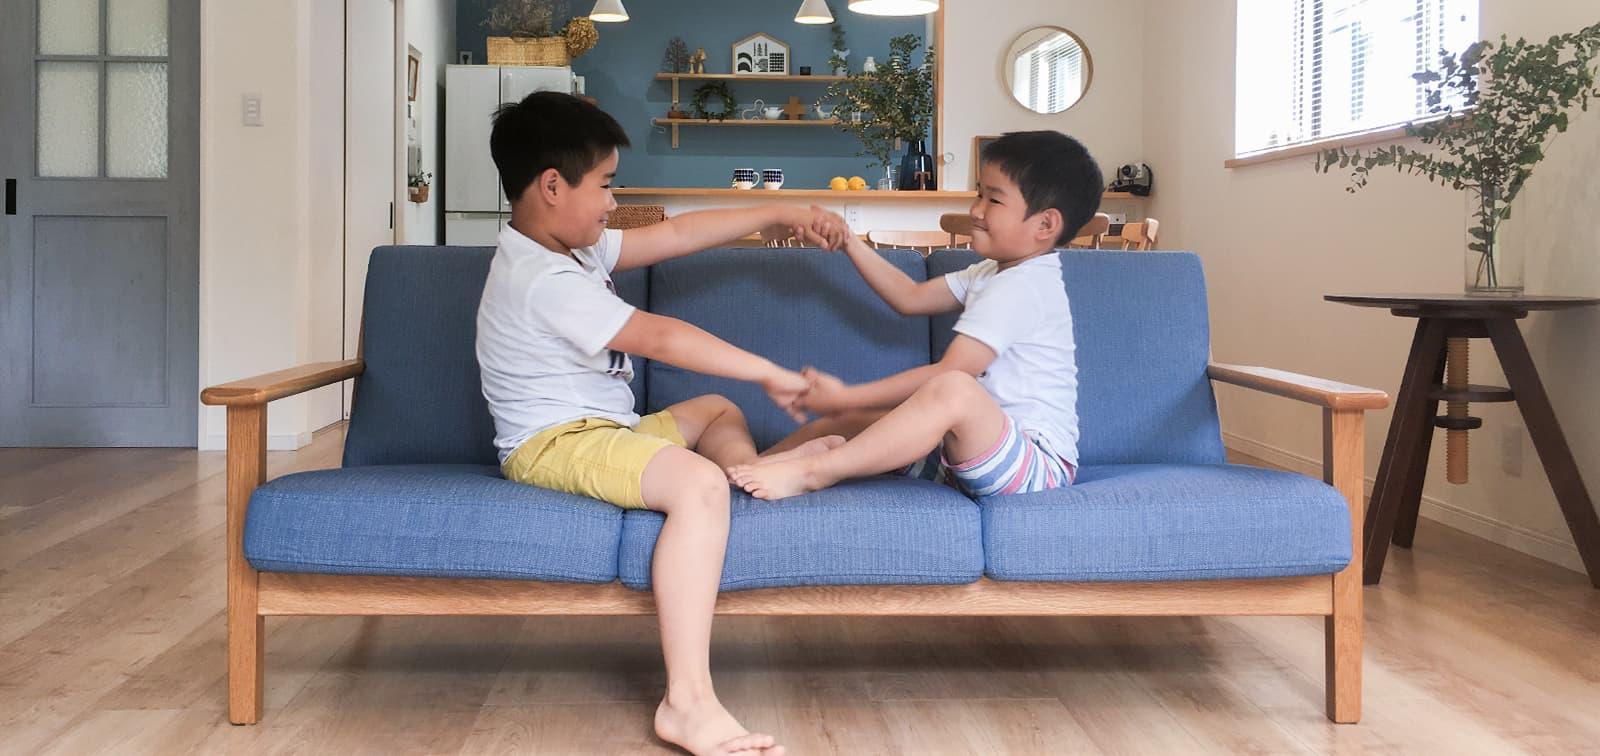 IKEA Farlov 3 Seater Sofa in Gaia Fog Panama Cotton Sofa Slipcover